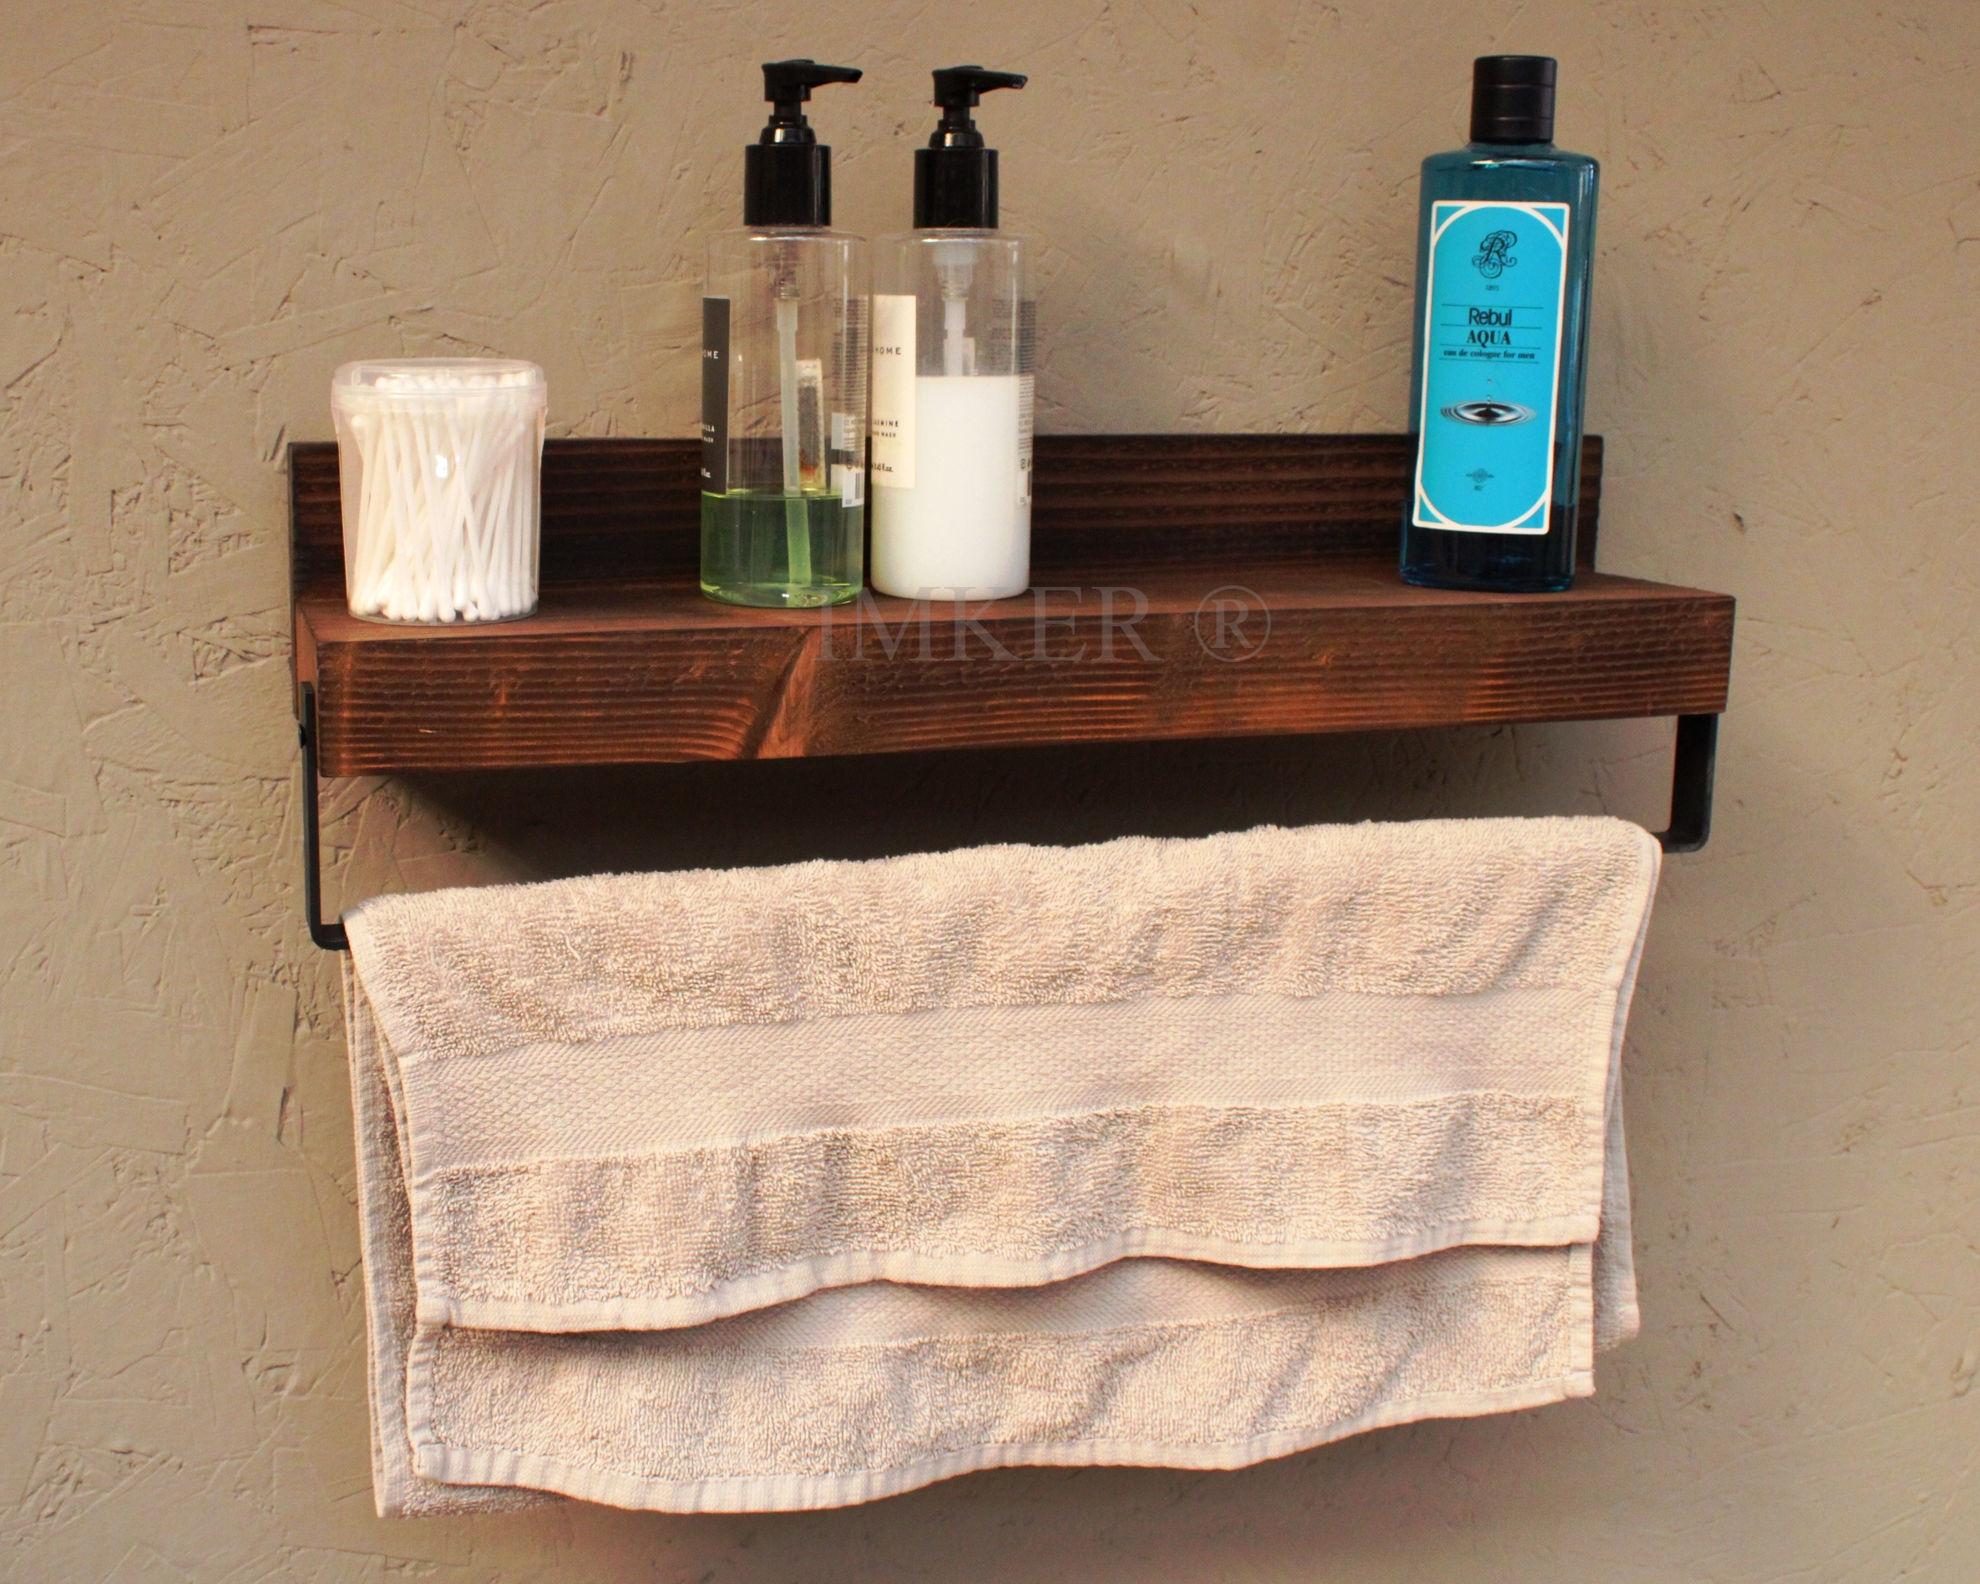 Imker metal havlu askısı masif ahşap banyo duvar rafı çok amaçlı düzenleyici organizer terek 5334431 resmi